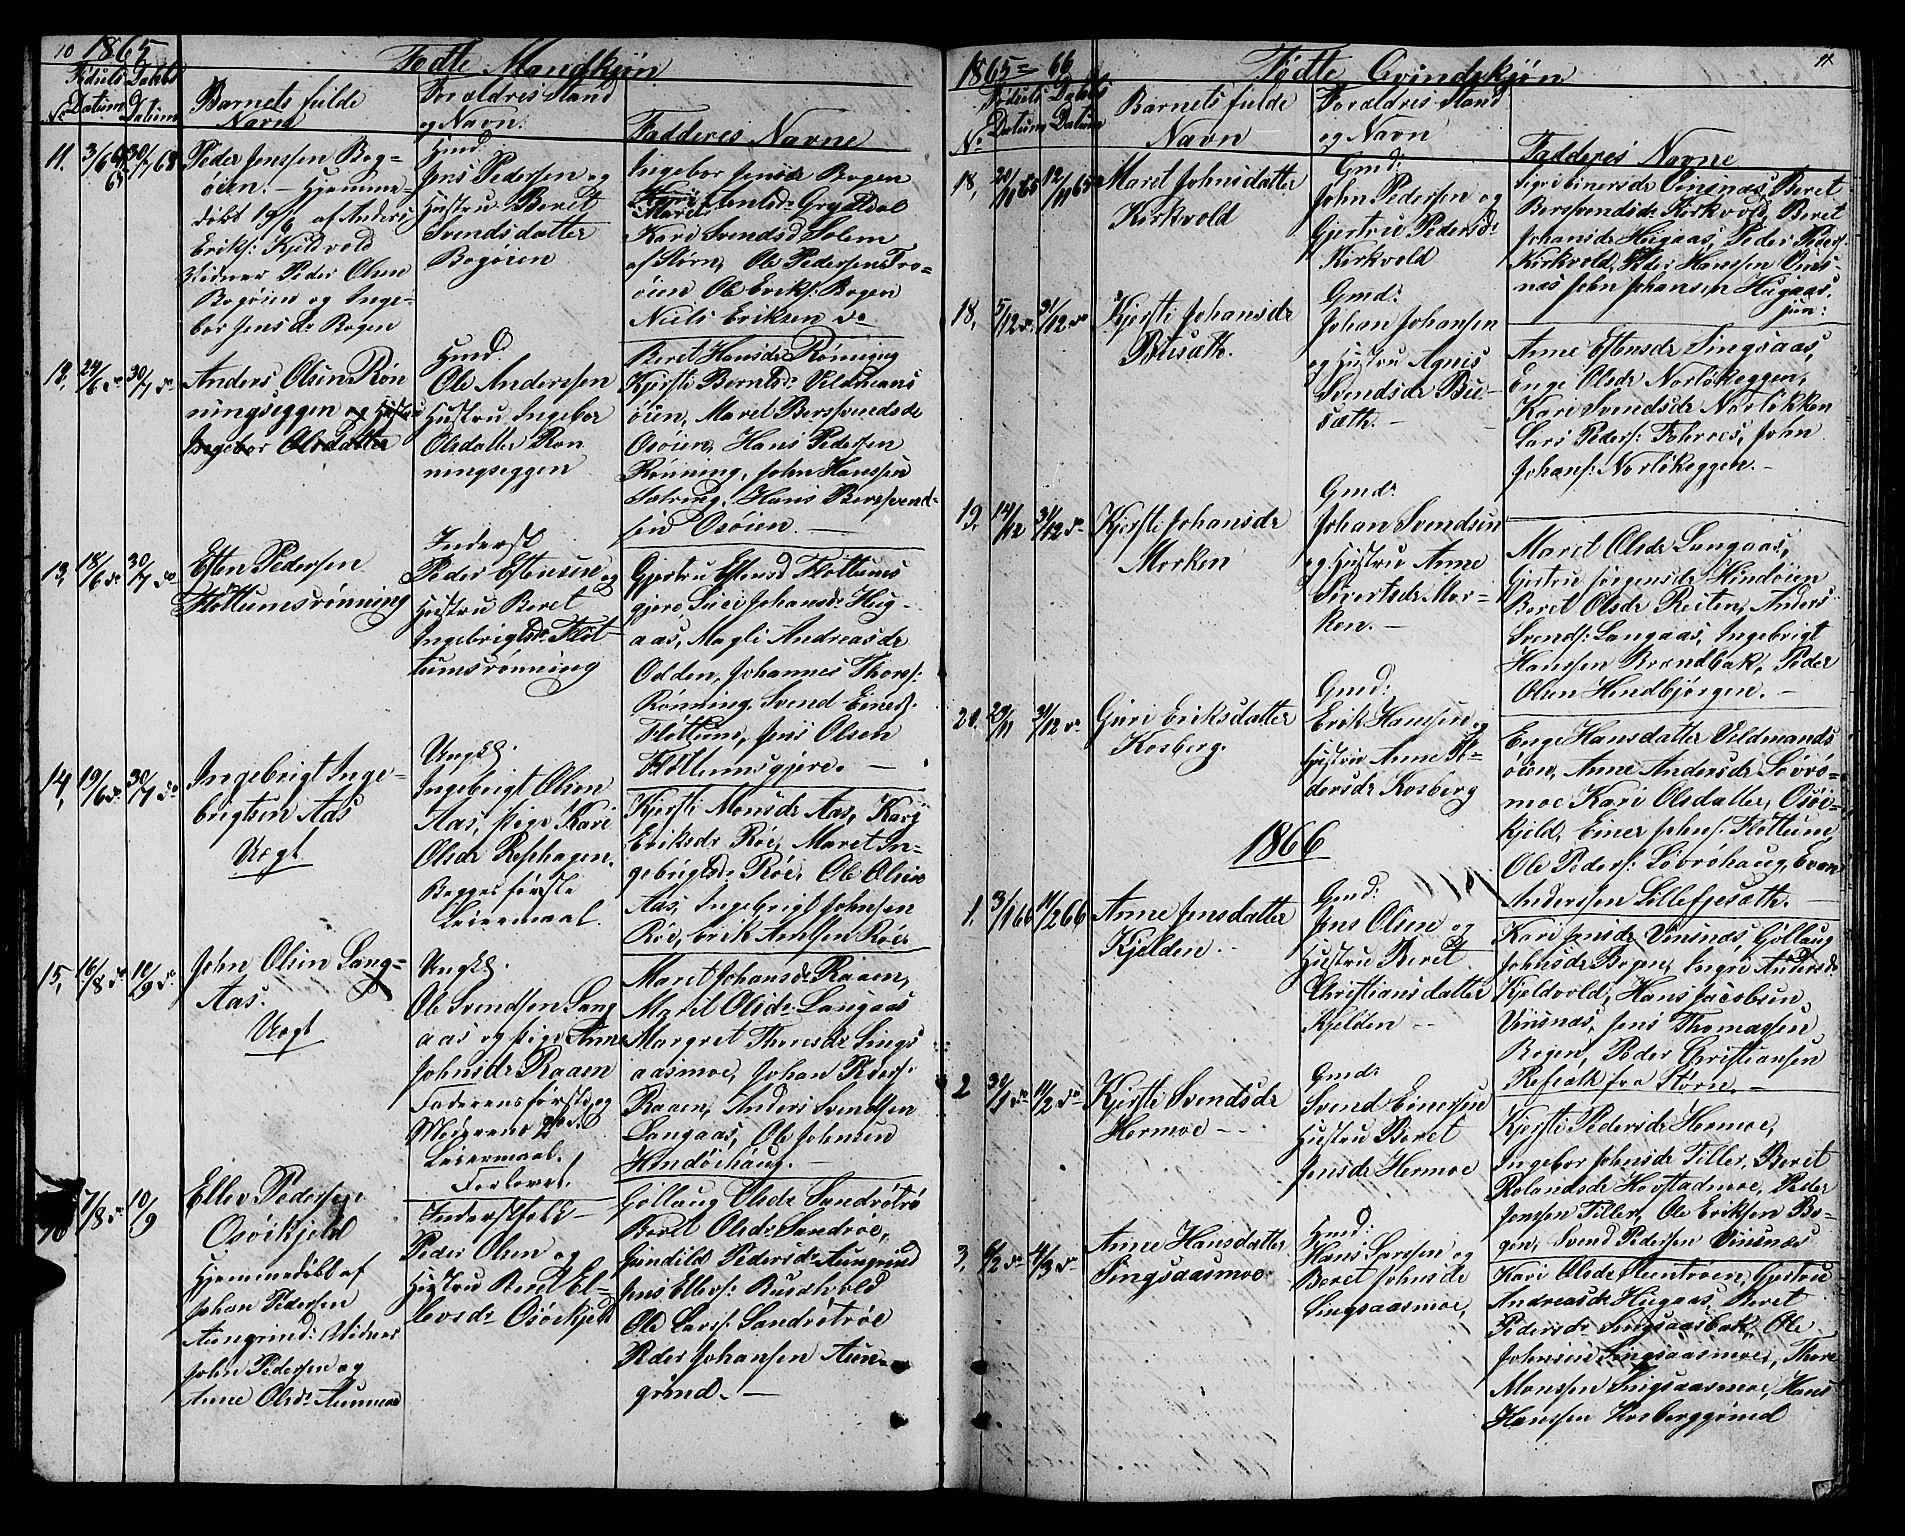 SAT, Ministerialprotokoller, klokkerbøker og fødselsregistre - Sør-Trøndelag, 688/L1027: Klokkerbok nr. 688C02, 1861-1889, s. 10-11